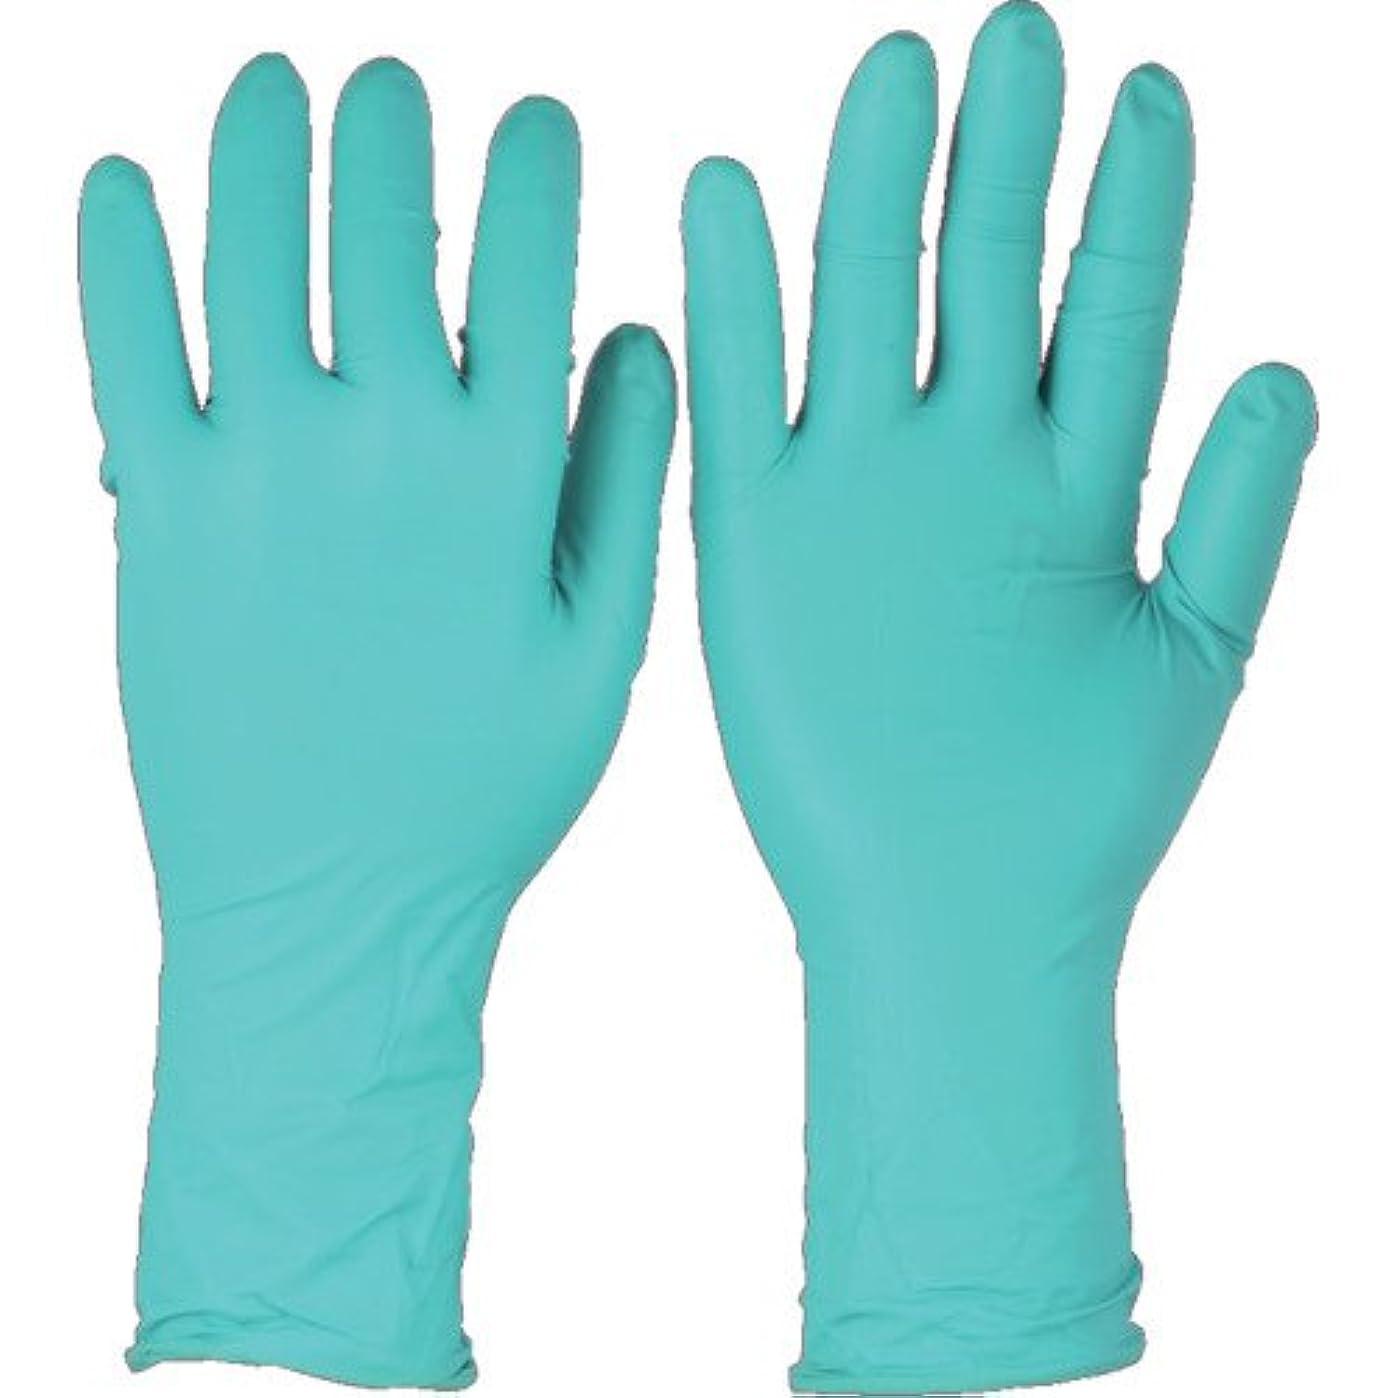 風邪をひくこどもの宮殿すばらしいですトラスコ中山 アンセル ネオプレンゴム使い捨て手袋 マイクロフレックス 93-260 XLサイズ (50枚入)  9326010